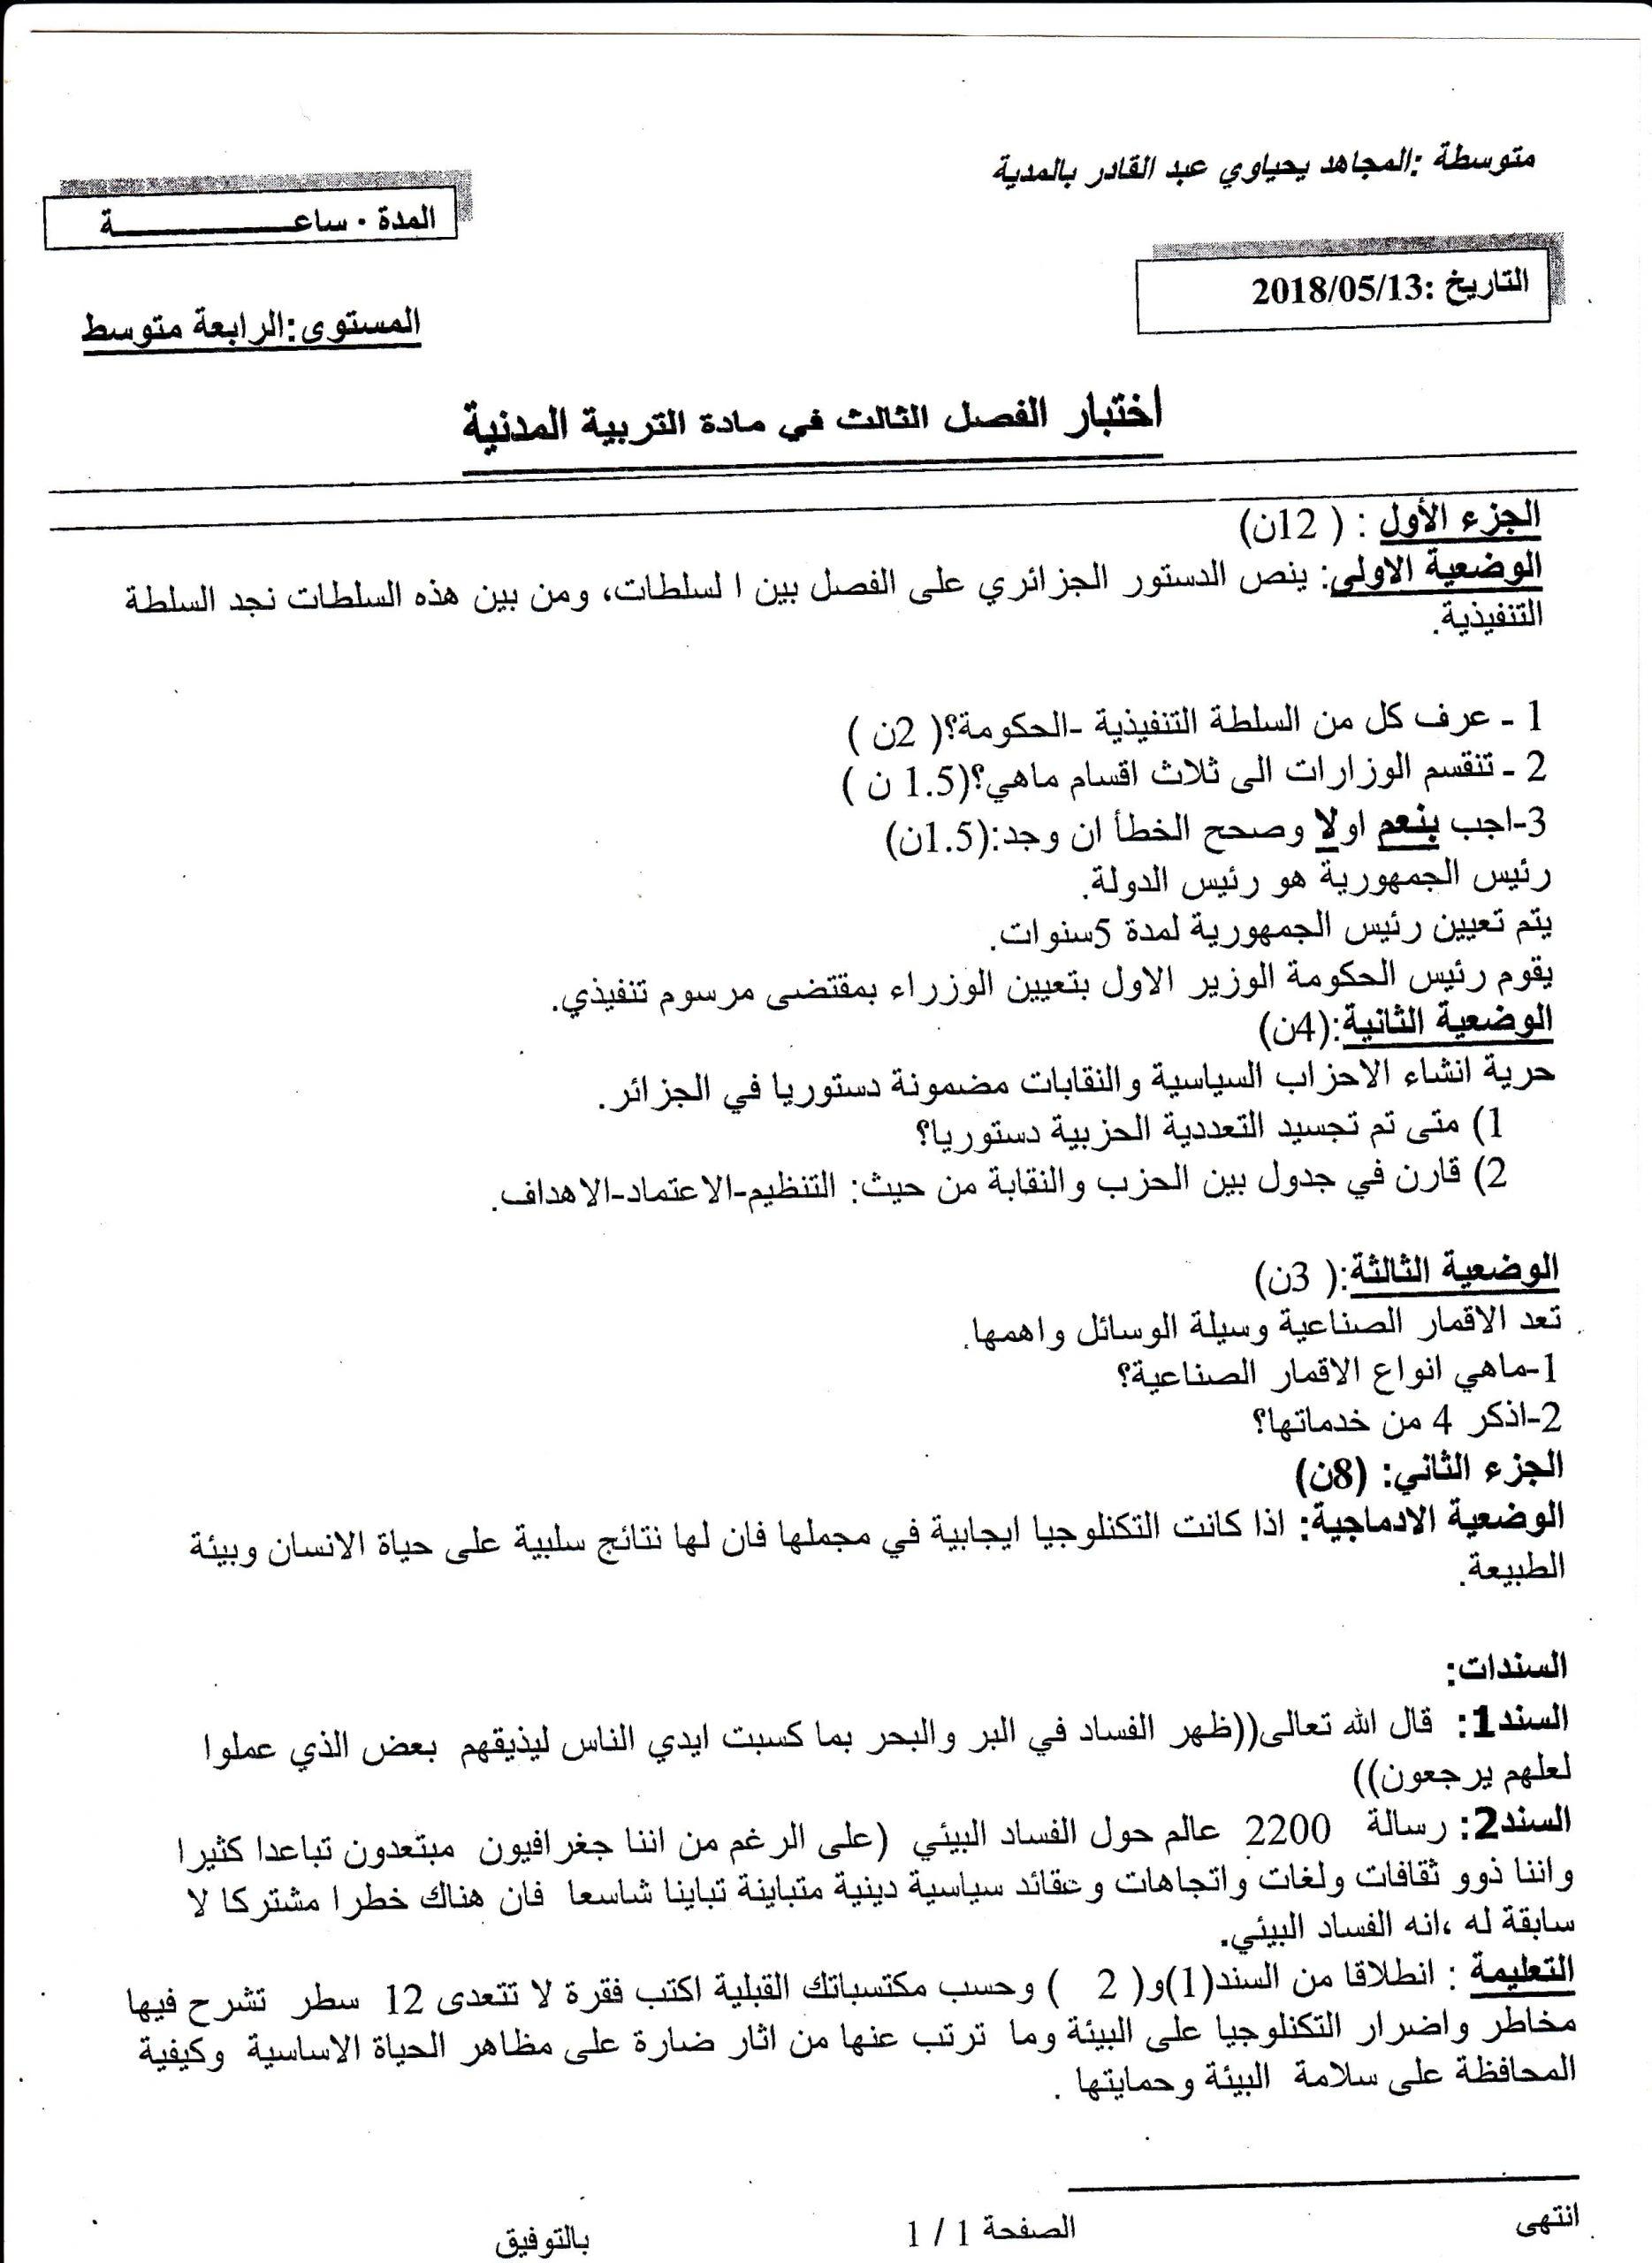 اختبار الفصل الثالث في التربية المدنية السنة الرابعة متوسط | الموضوع 05